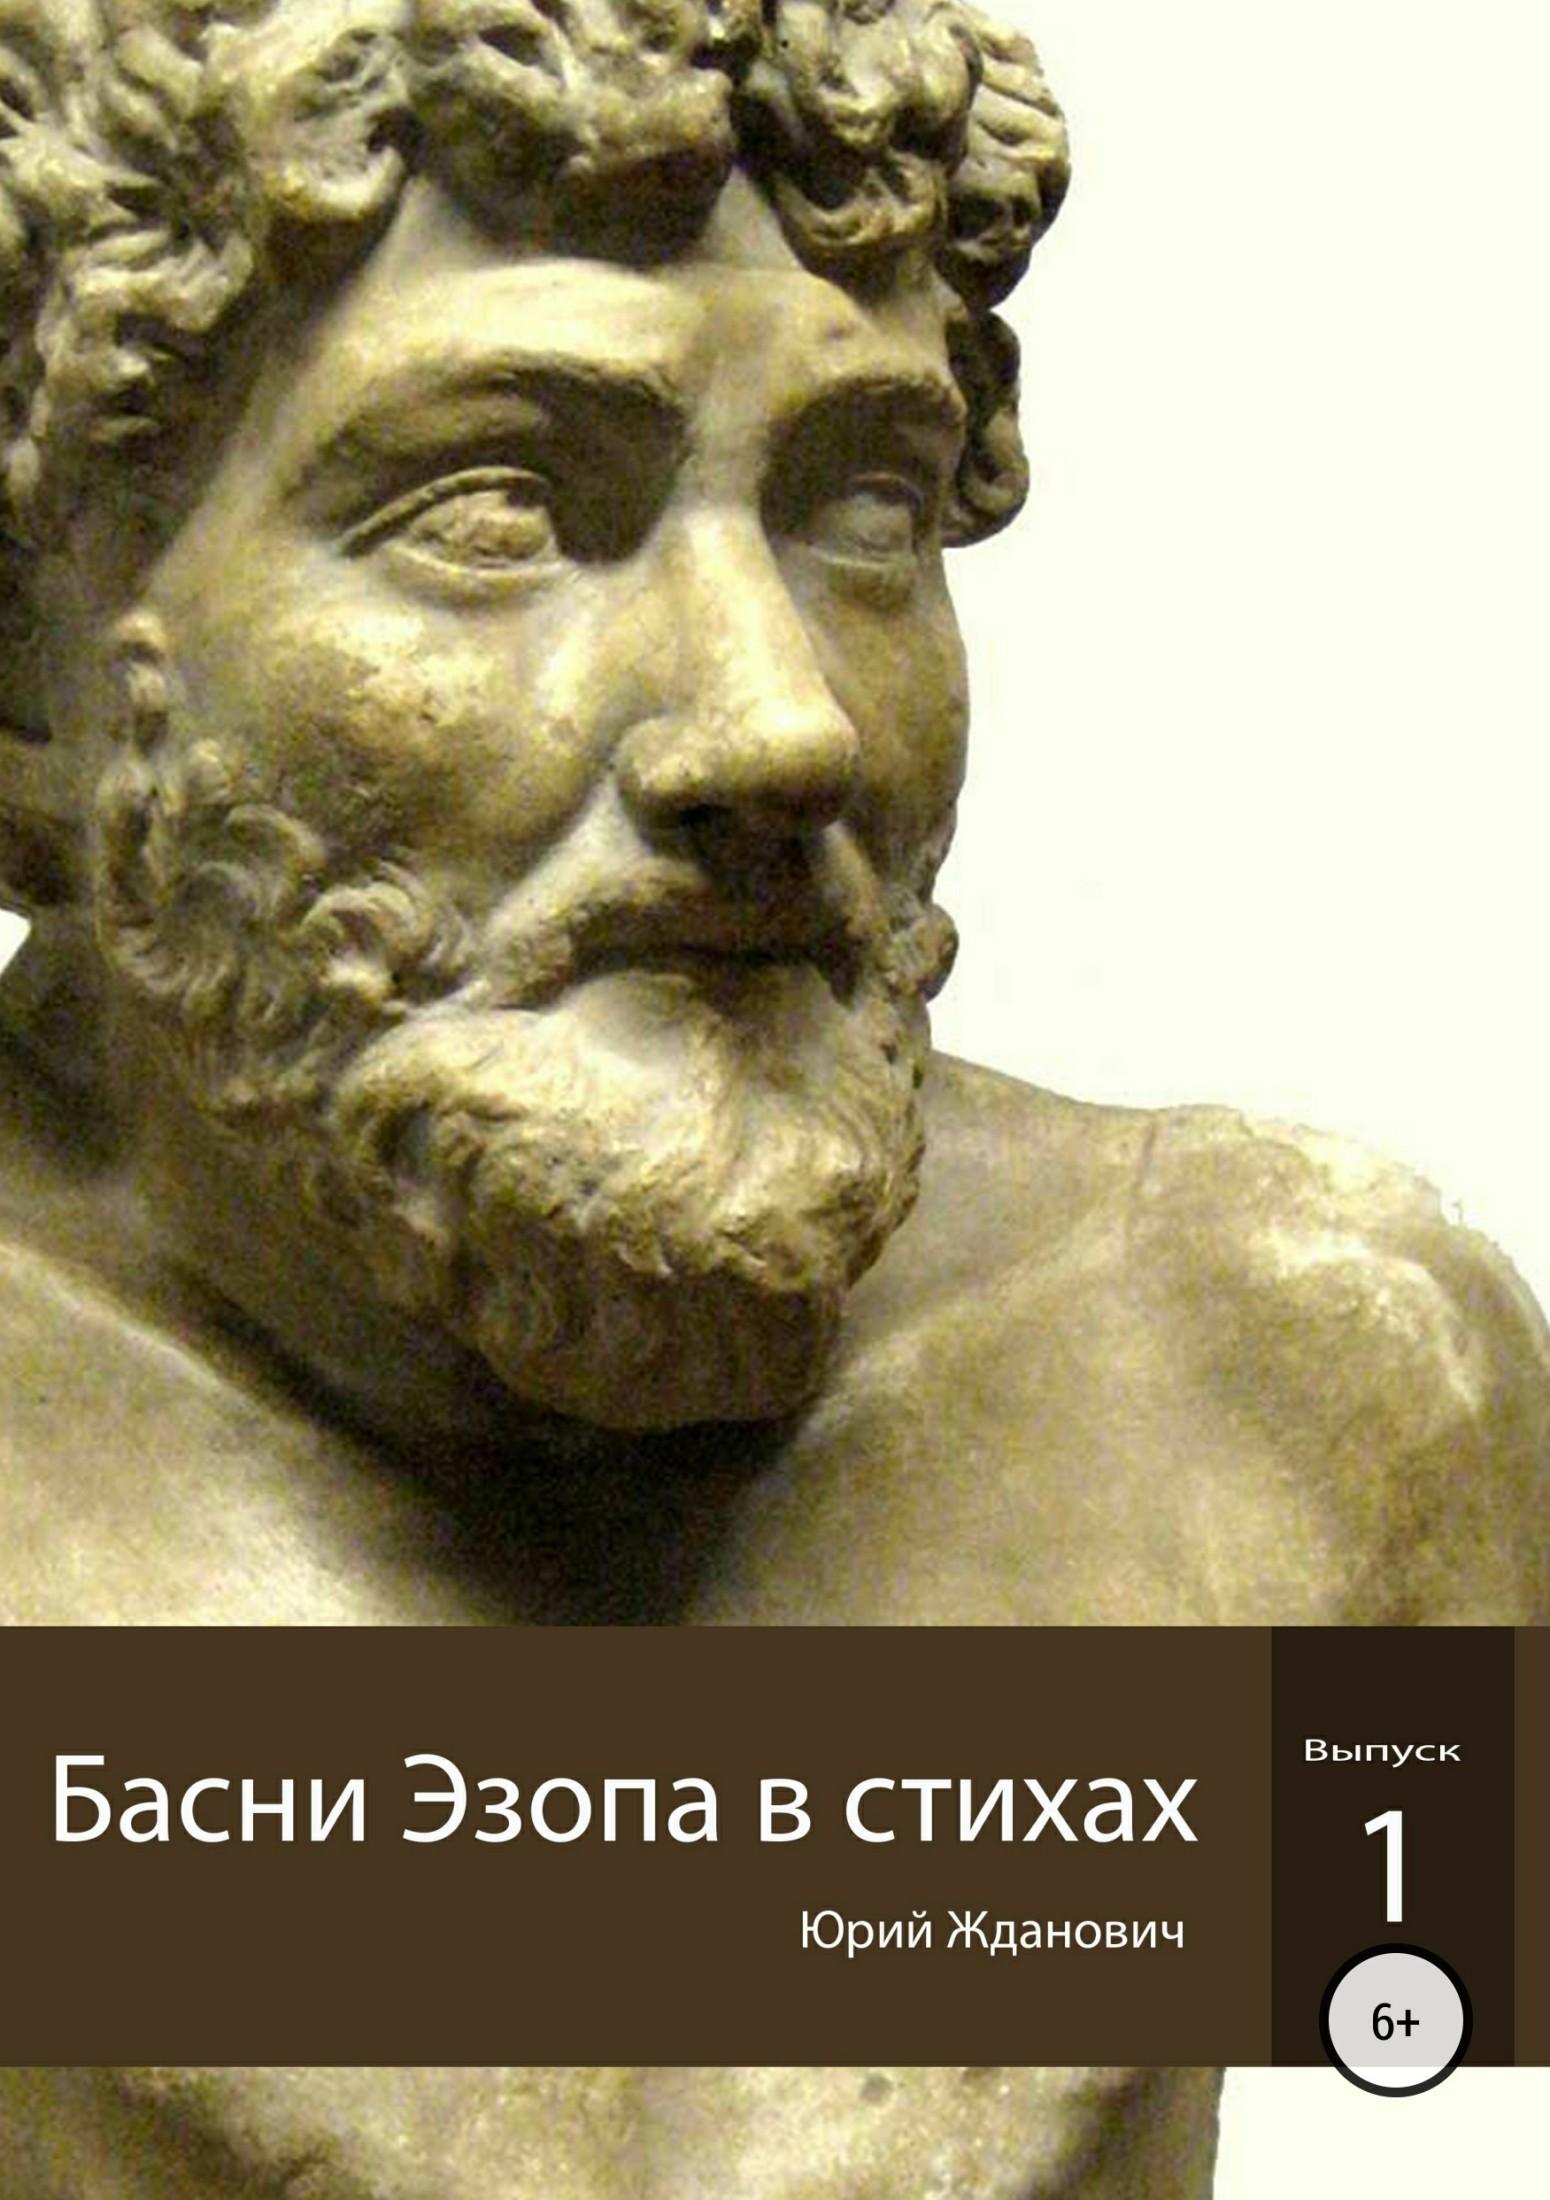 Басни Эзопа в стихах. Выпуск 1